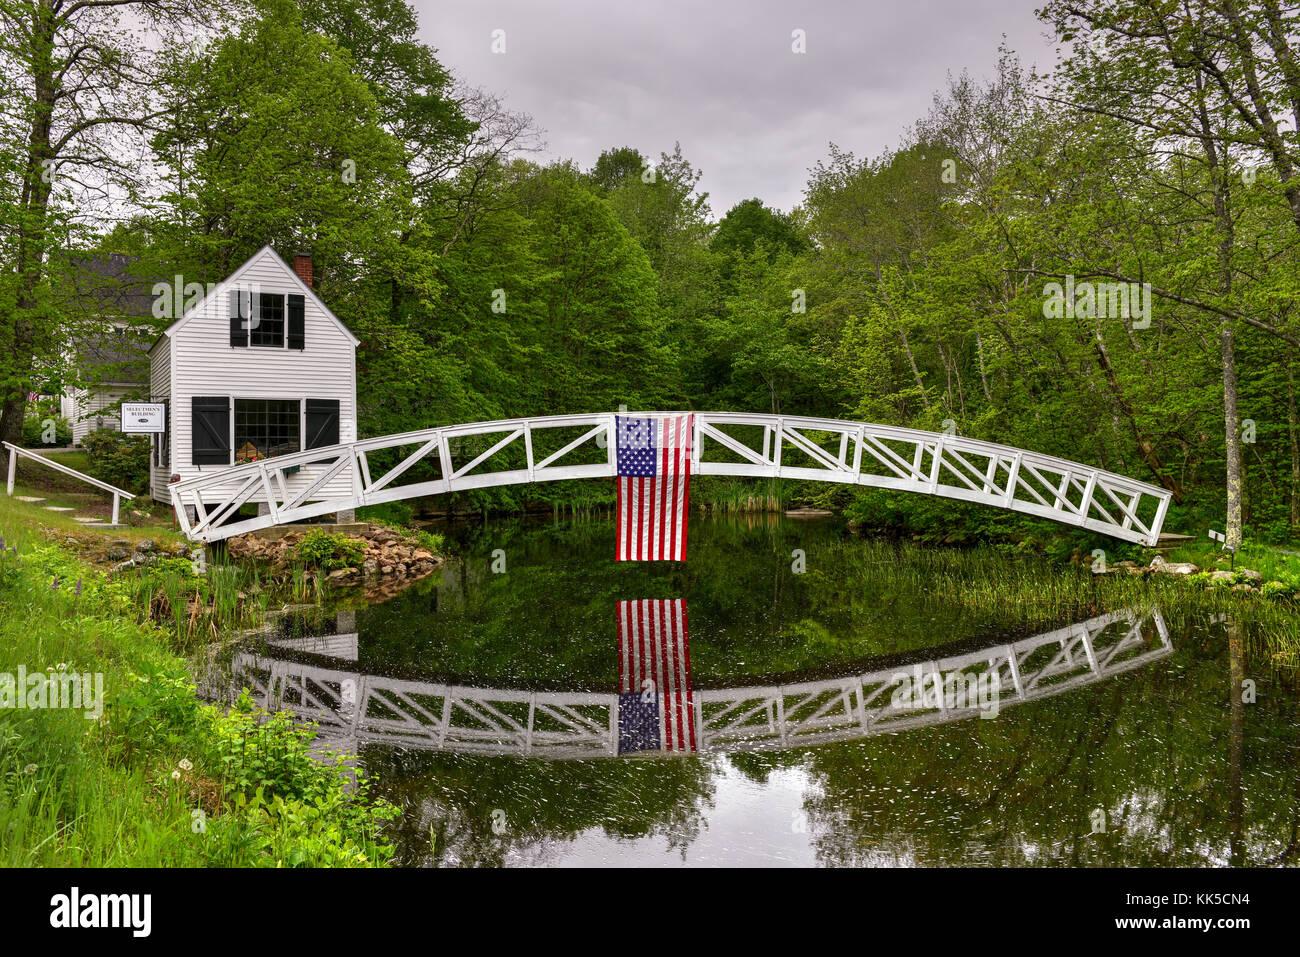 flag pond women 702 single-parent households (189 men, 513 women) 995% of residents of flag pond speak english at home 02% of residents speak spanish at home .